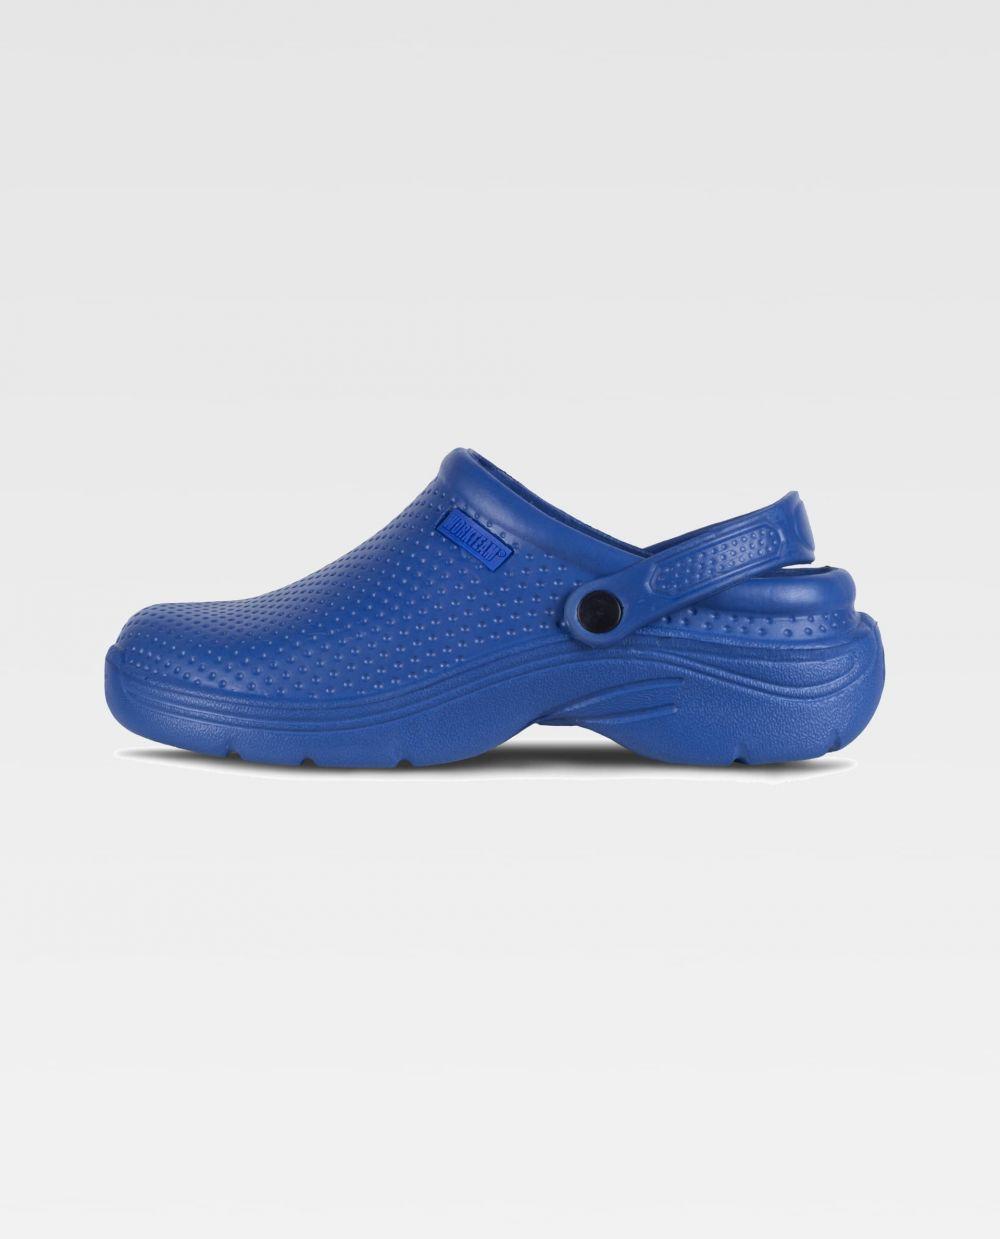 Zapatos de trabajo workteam zueco p2006 de eva con logo vista 1